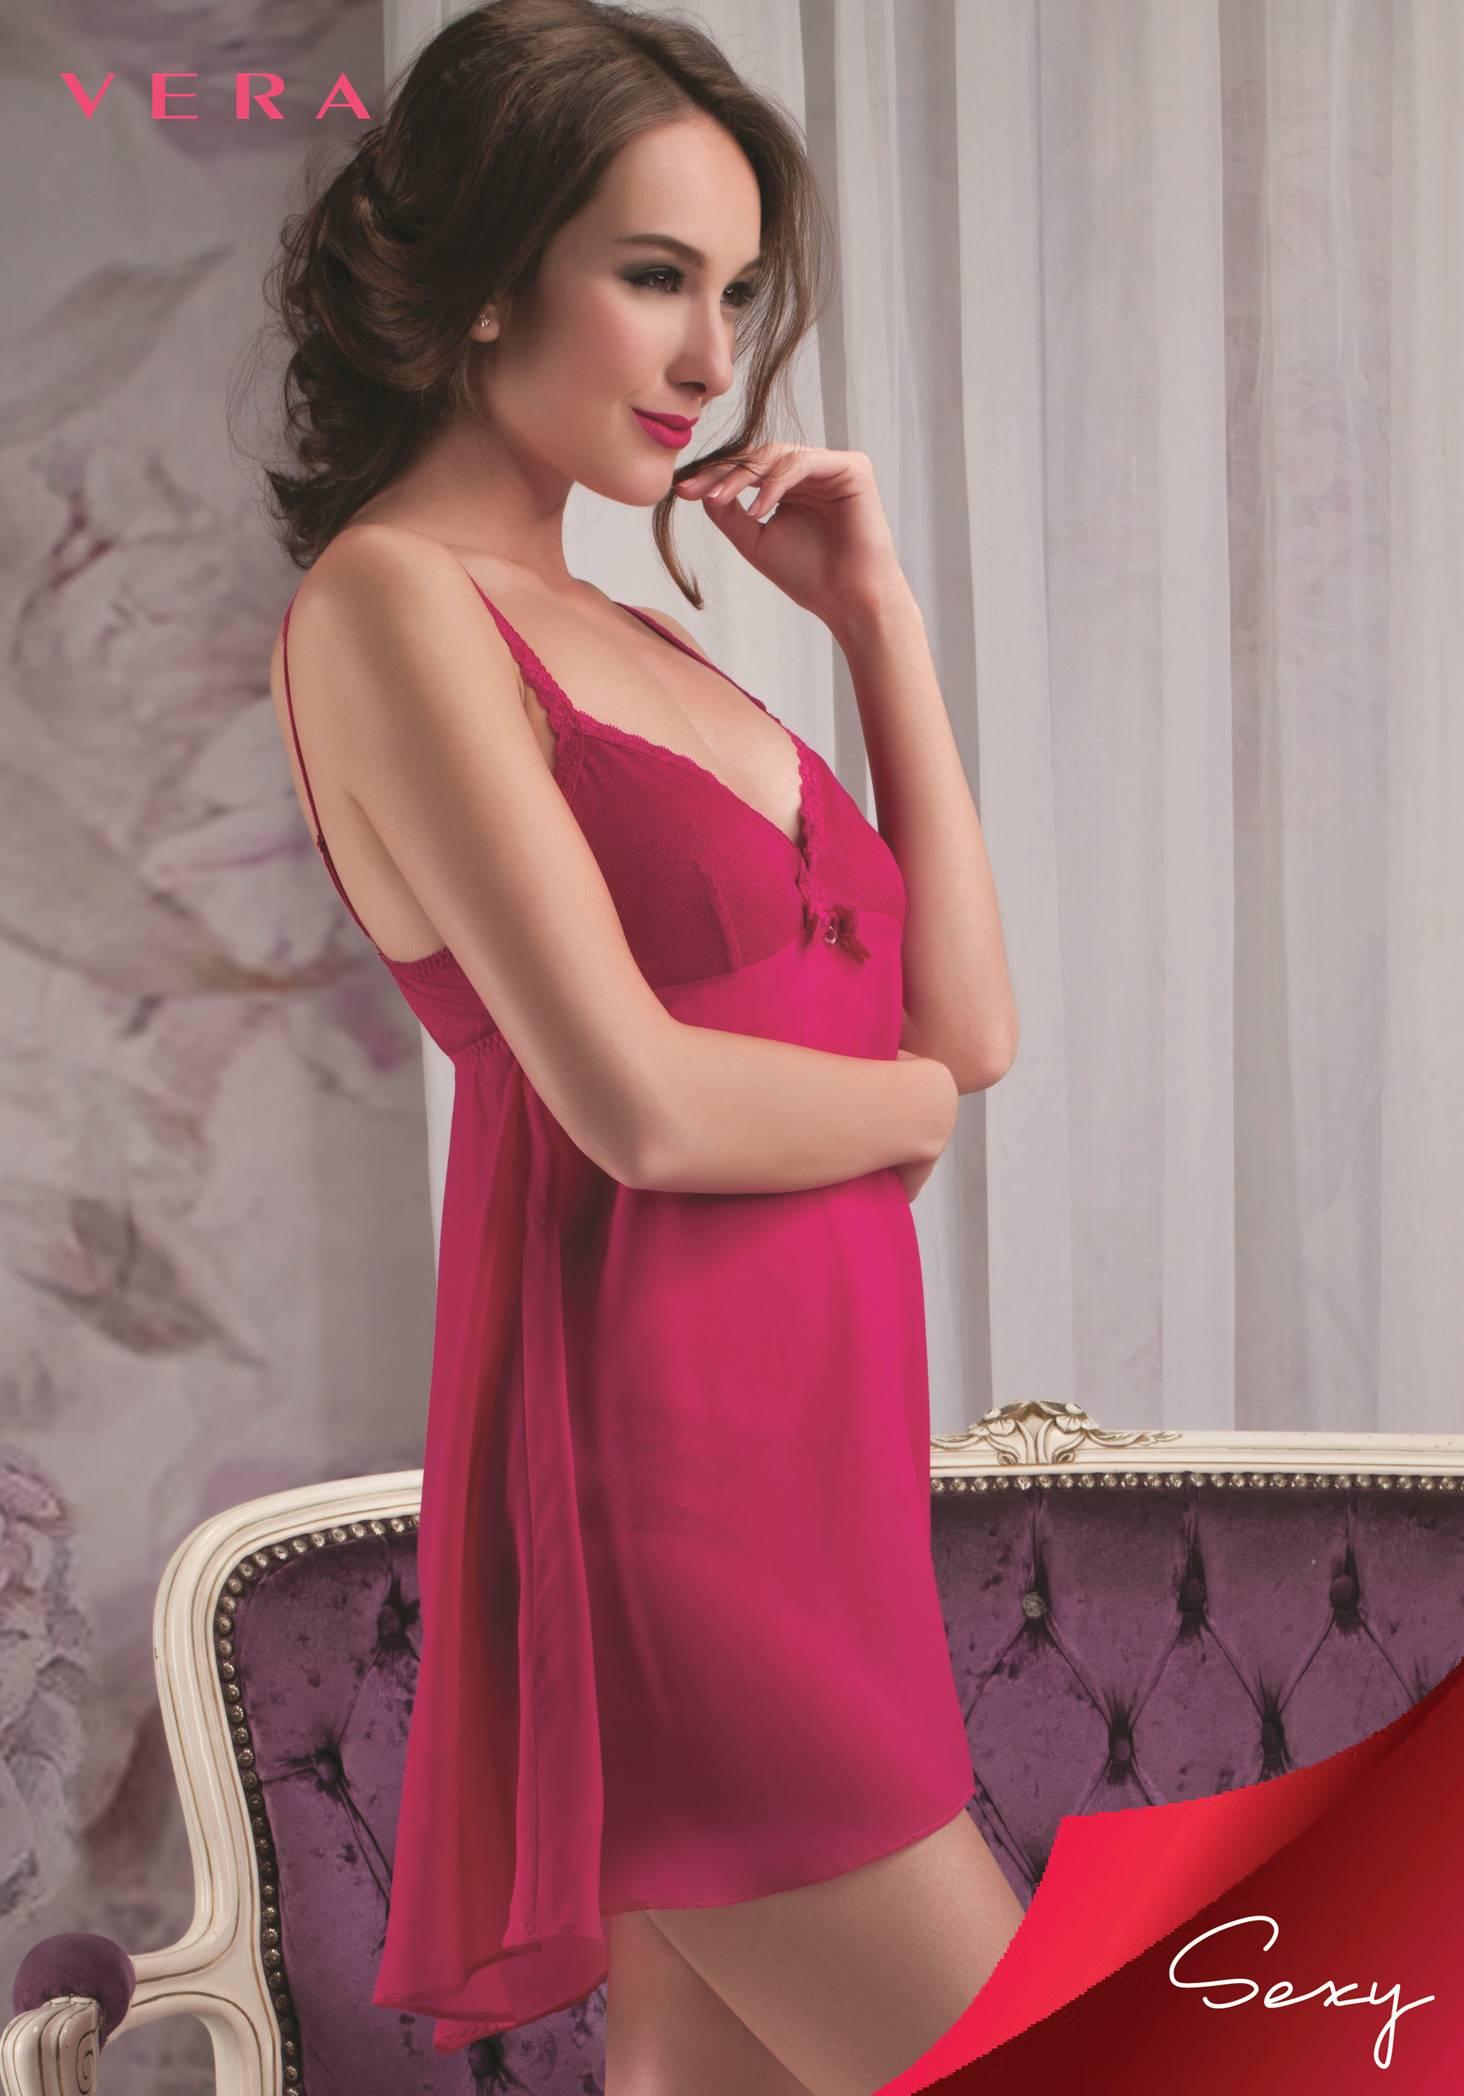 Ra mắt BST nội y đẹp quyến rũ mới nhất Vera Sexy Wedding